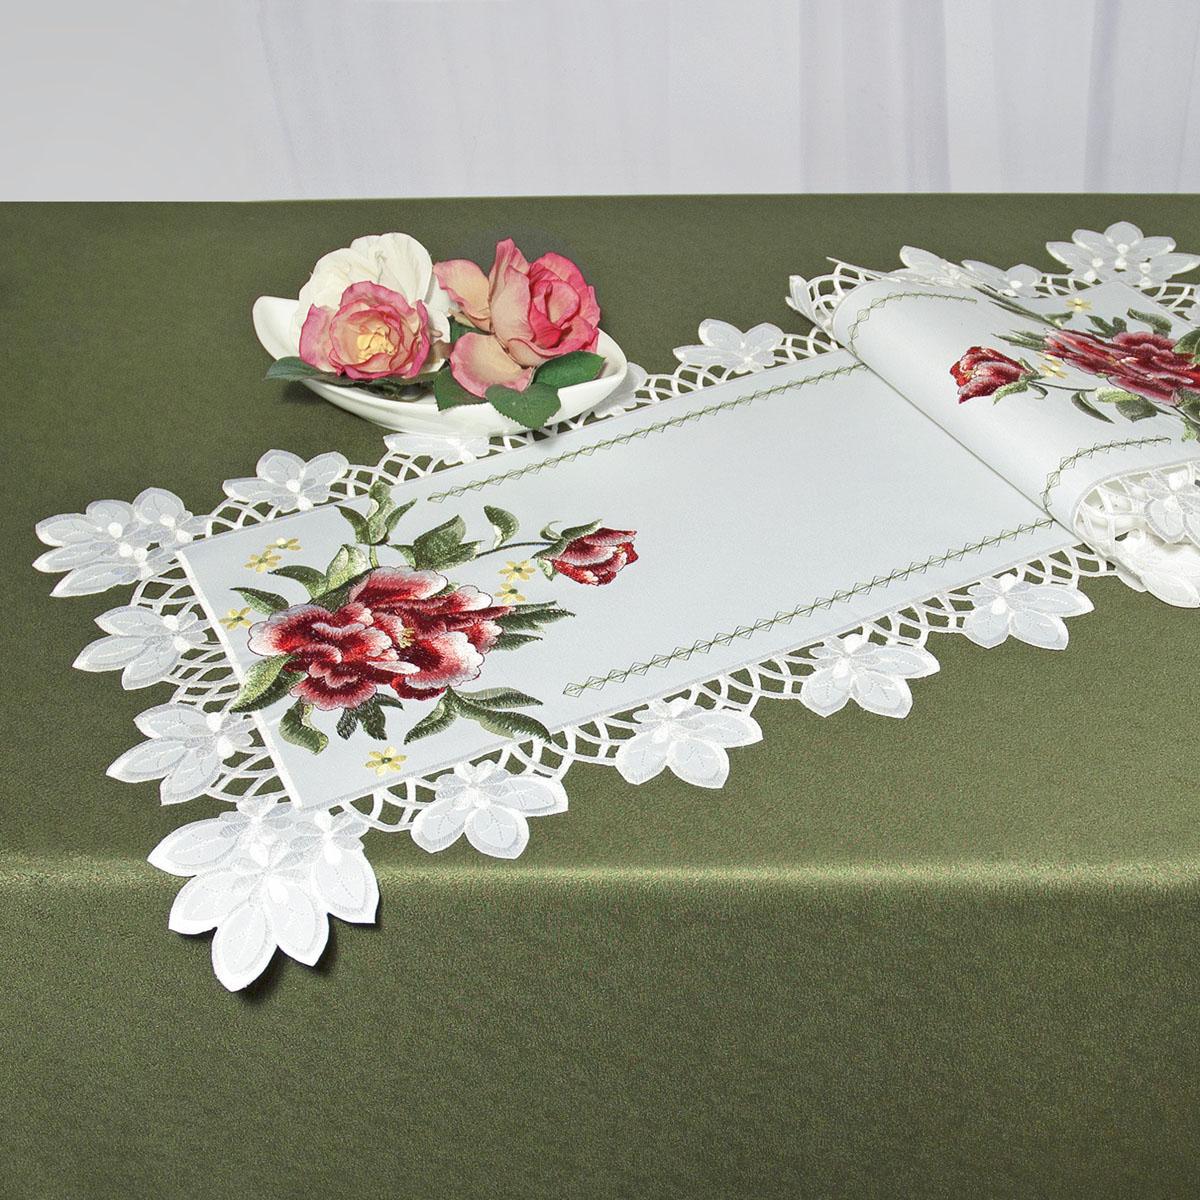 Дорожка для декорирования стола Schaefer, прямоугольная, цвет: белый, красный, 40 x 110 см 07481-2332014-24Дорожка Schaefer выполнена из высококачественного полиэстера и украшена вышитыми рисунками в виде цветов. Края дорожки оформлены в технике ришелье. Вы можете использовать дорожку для декорирования стола, комода или журнального столика.Благодаря такой дорожке вы защитите поверхность мебели от воды, пятен и механических воздействий, а также создадите атмосферу уюта и домашнего тепла в интерьере вашей квартиры. Изделия из искусственных волокон легко стирать: они не мнутся, не садятся и быстро сохнут, они более долговечны, чем изделия из натуральных волокон.Изысканный текстиль от немецкой компании Schaefer - это красота, стиль и уют в вашем доме. Дорожка органично впишется в интерьер любого помещения, а оригинальный дизайн удовлетворит даже самый изысканный вкус. Дарите себе и близким красоту каждый день!